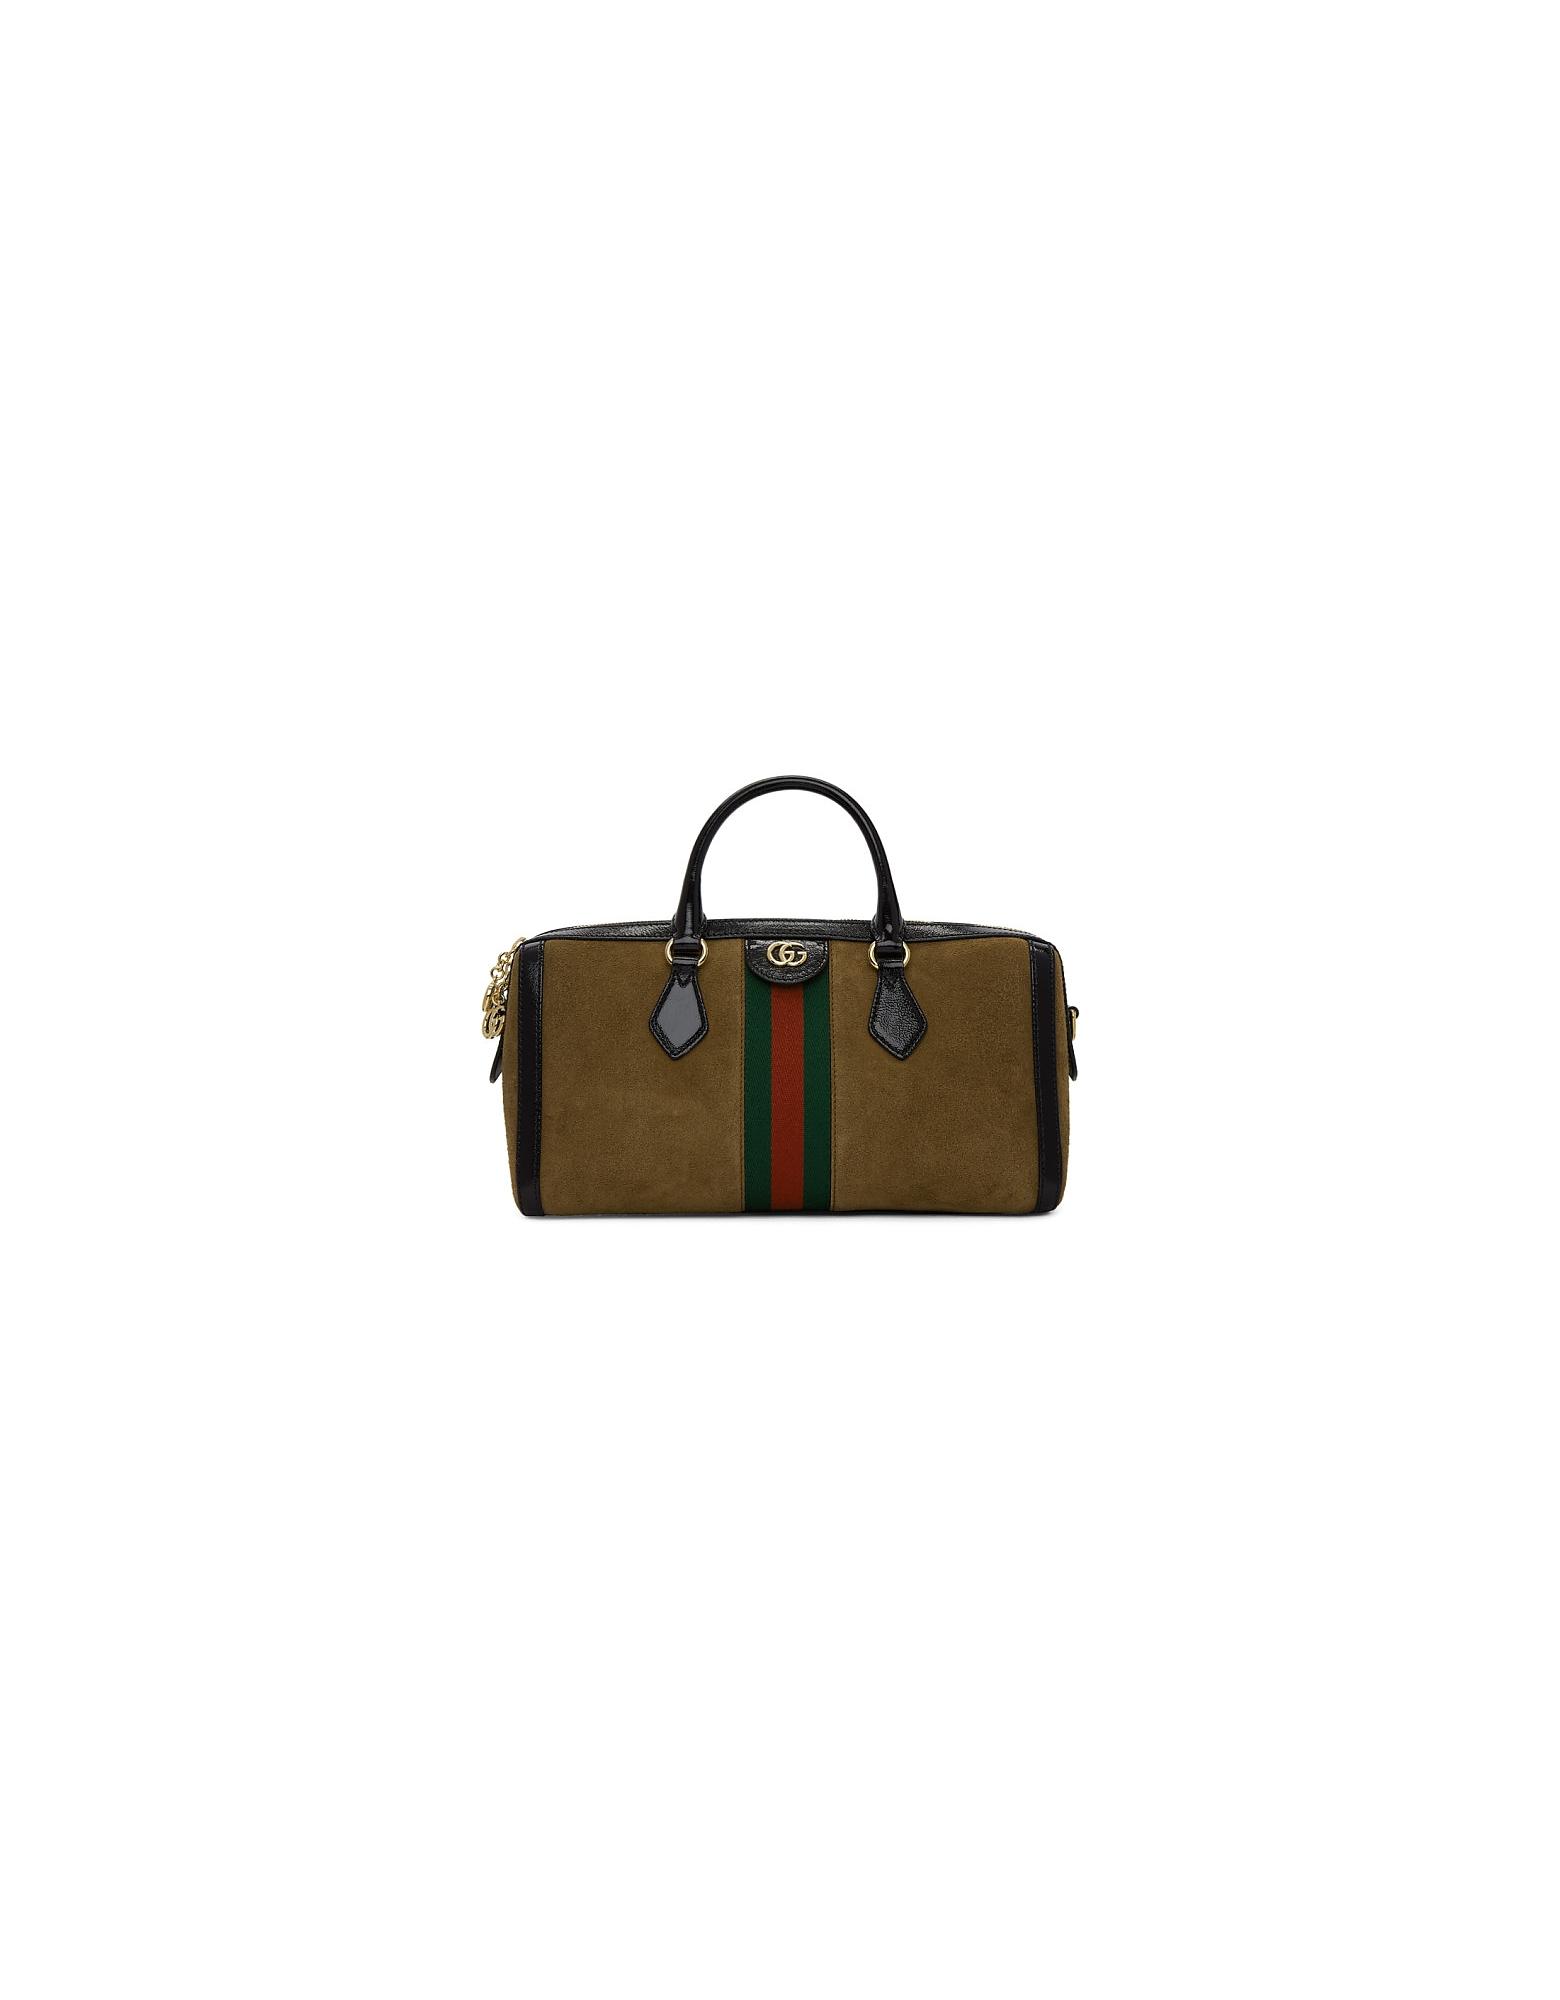 Gucci Designer Handbags, Brown Suede Medium Ophidia Top Handle Bag